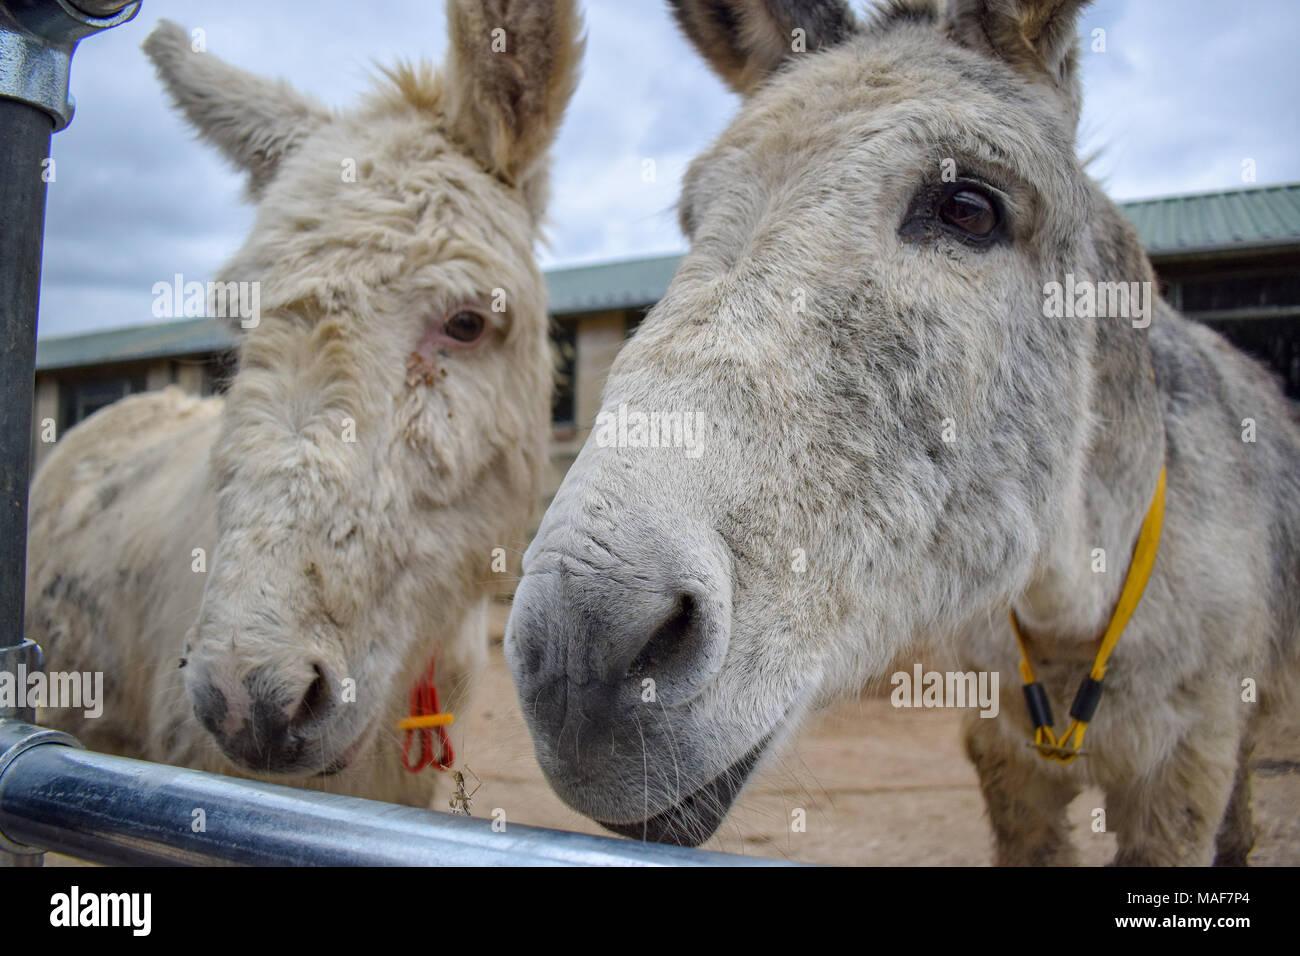 Two donkeys - Stock Image